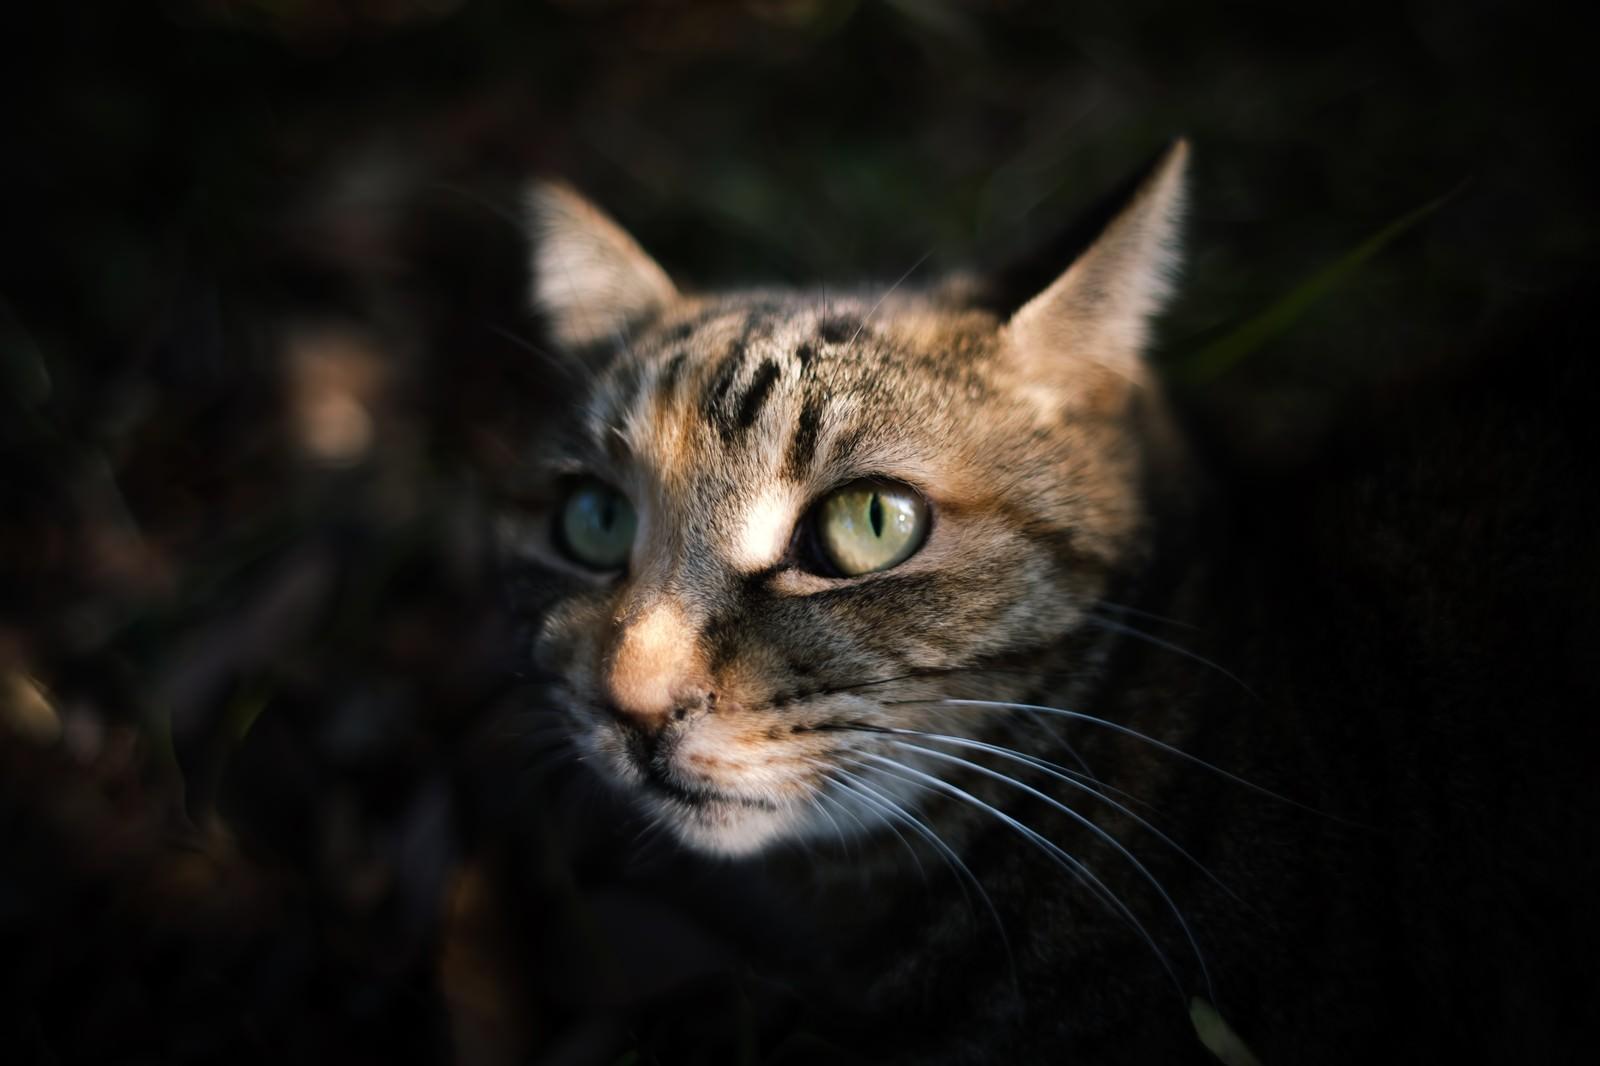 「暗闇から顔を出す猫 | 写真の無料素材・フリー素材 - ぱくたそ」の写真